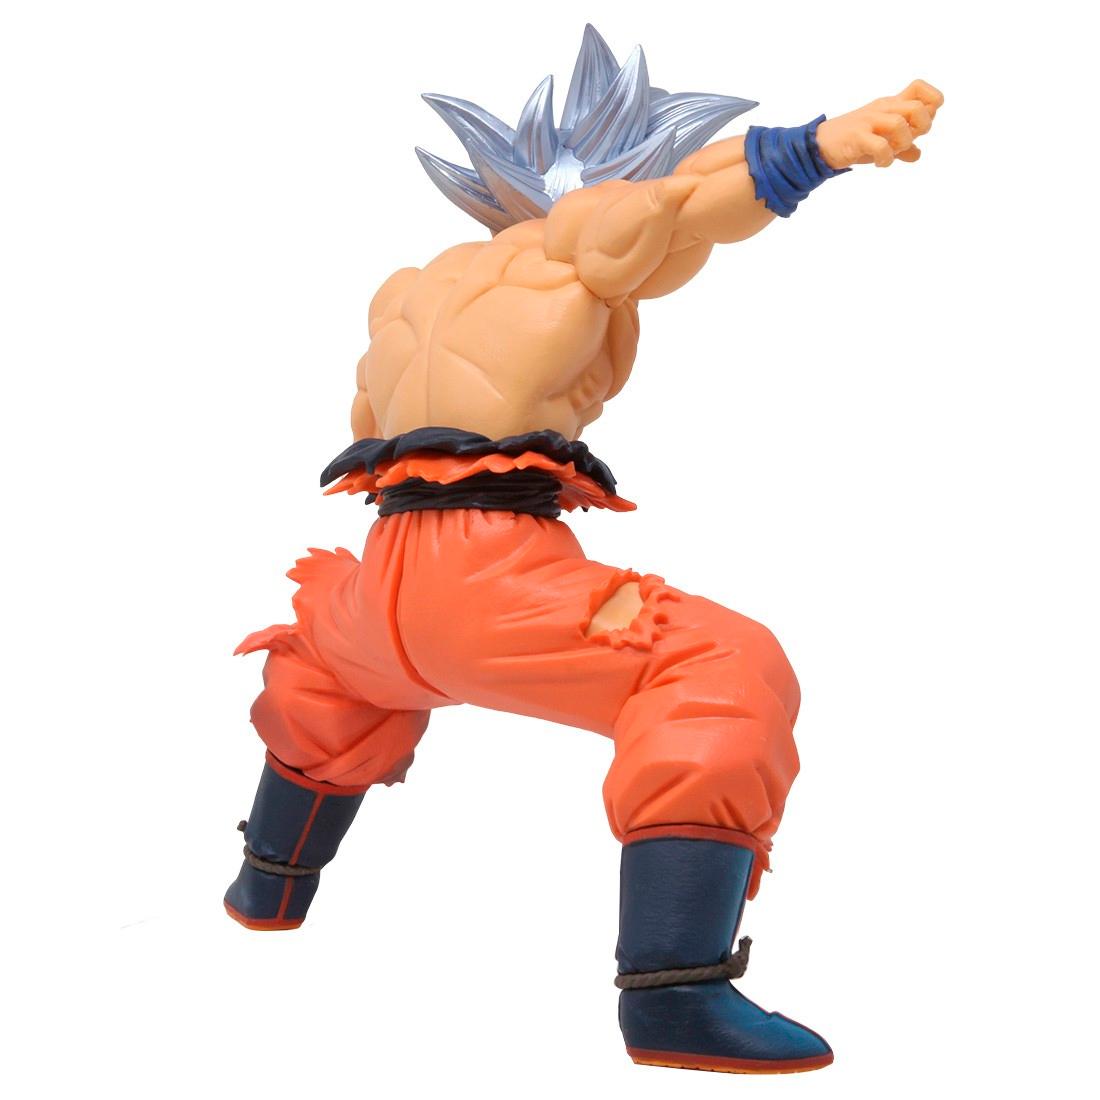 Banpresto Dragon Ball Super Maximatic Vol. 1 The Son Goku